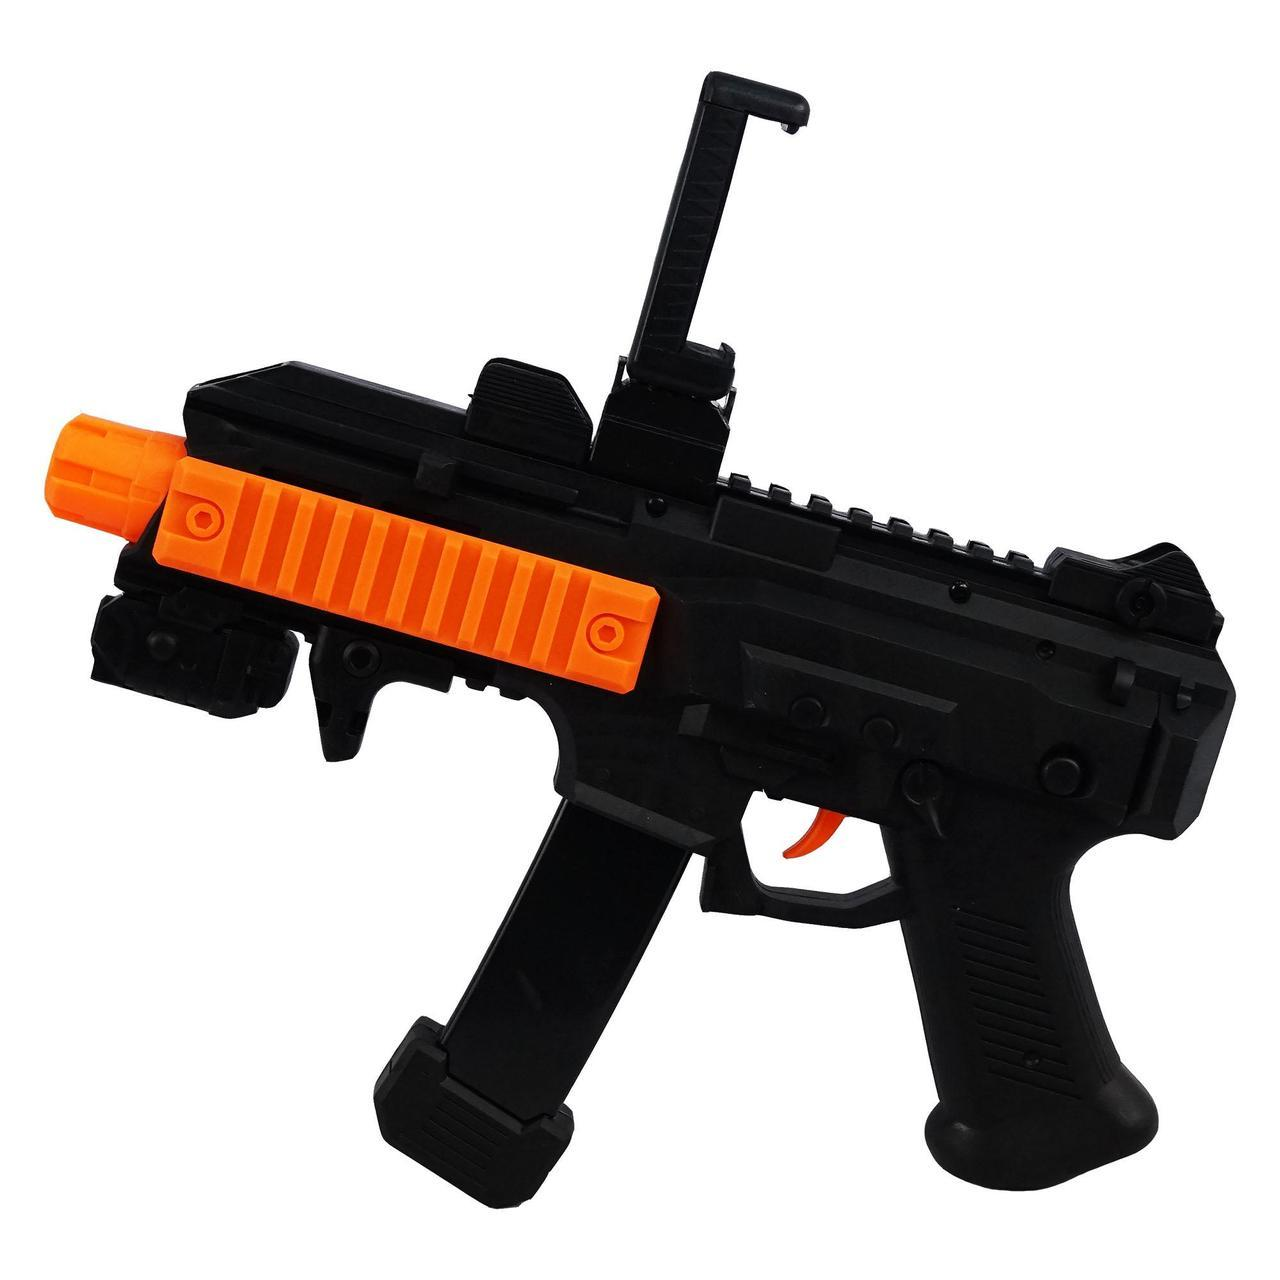 Уценка! Игровой автомат виртуальной реальности AR Game Gun